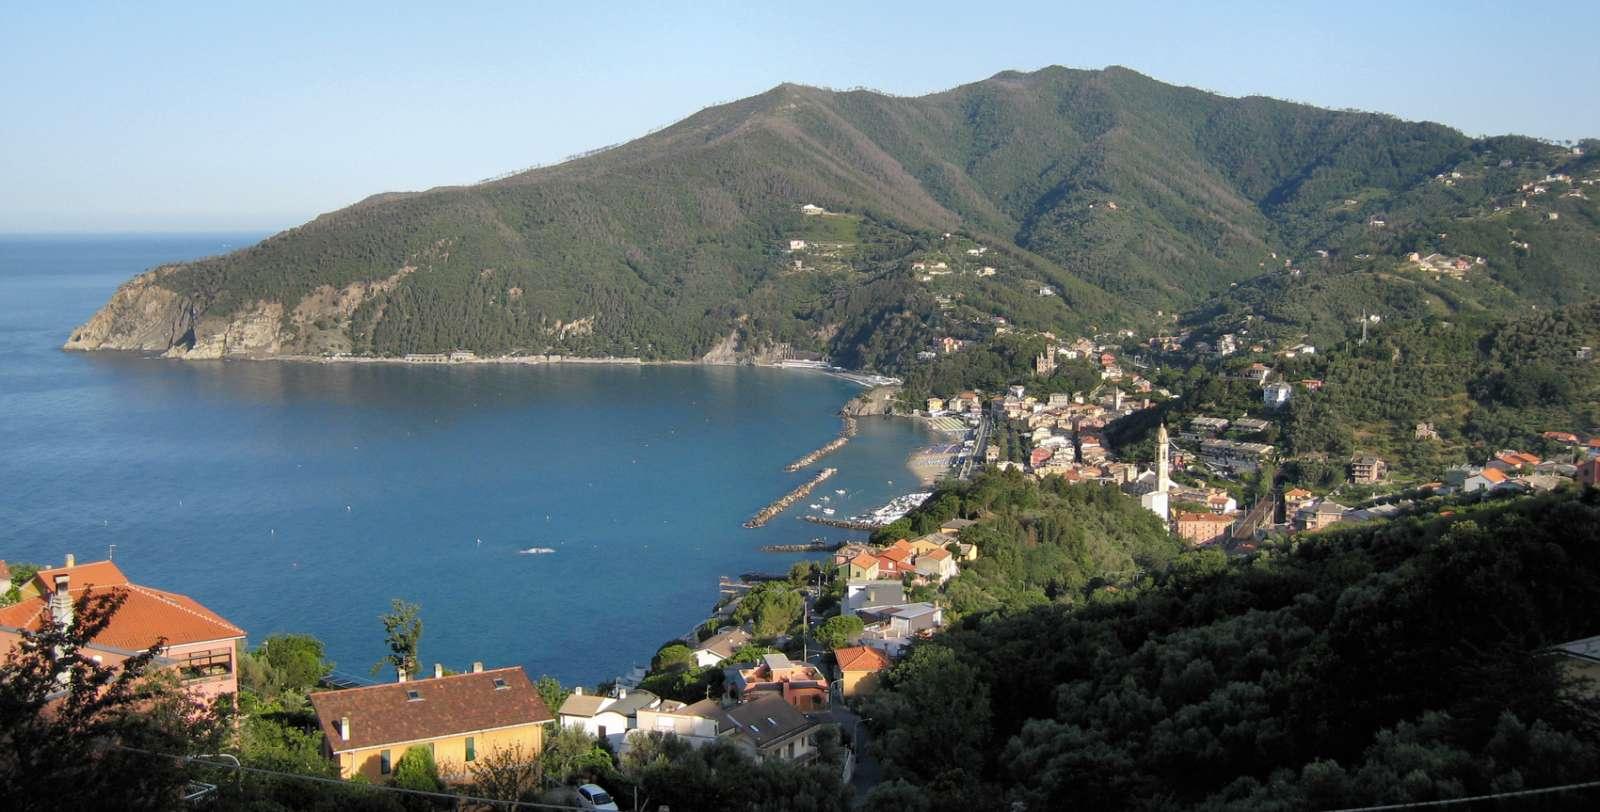 View of Moneglia from Lemeglio